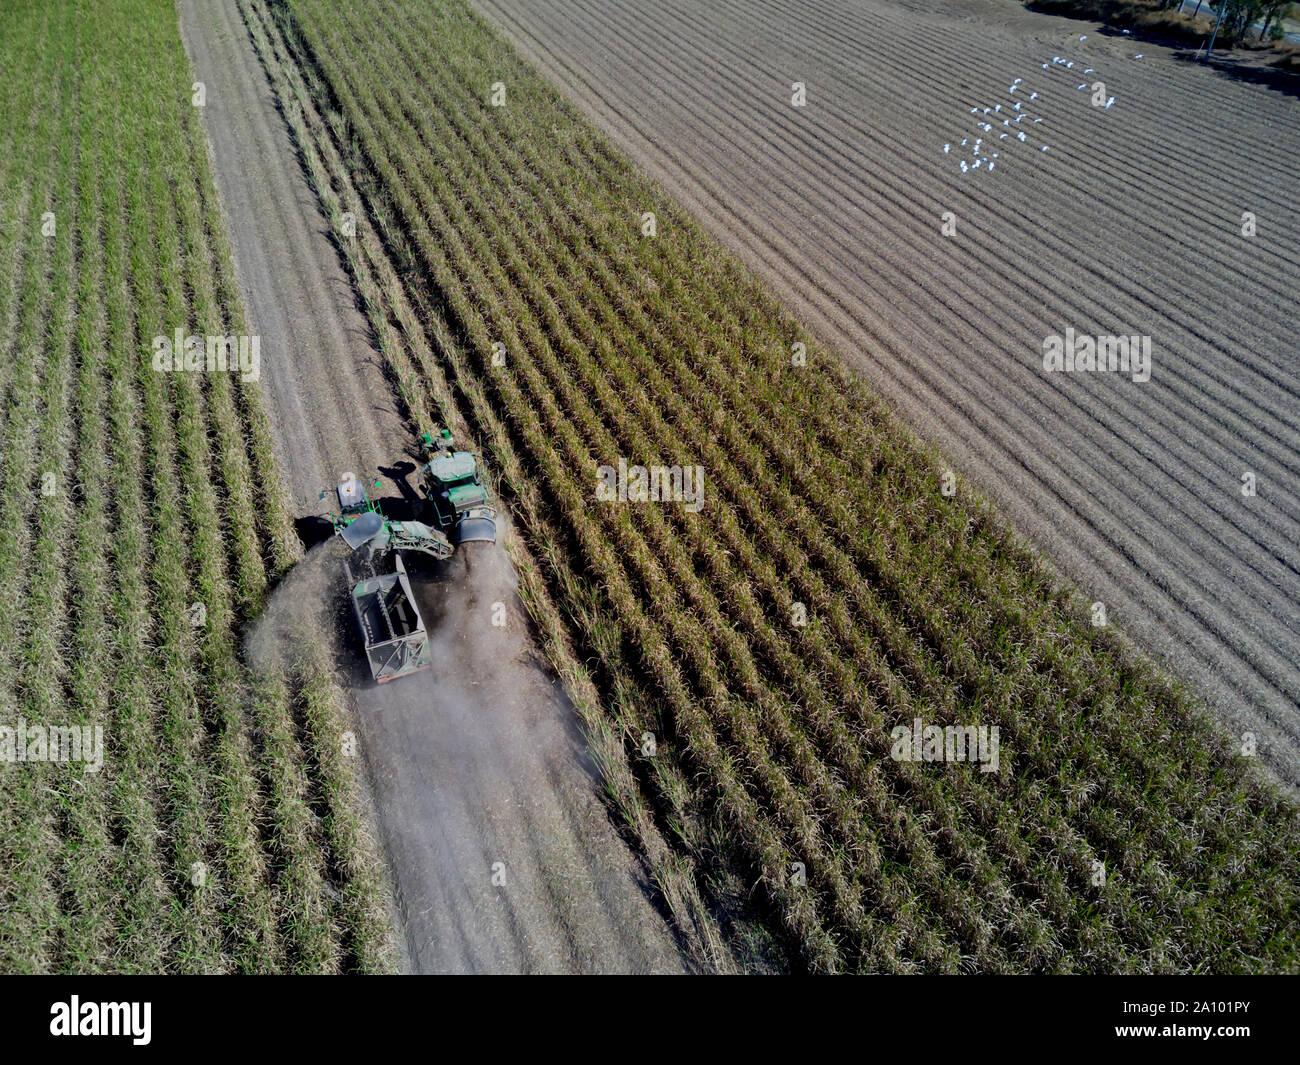 Una cosechadora de orugas la cosecha de caña de azúcar en condiciones de mucho polvo, Bundaberg Queensland Australia Foto de stock